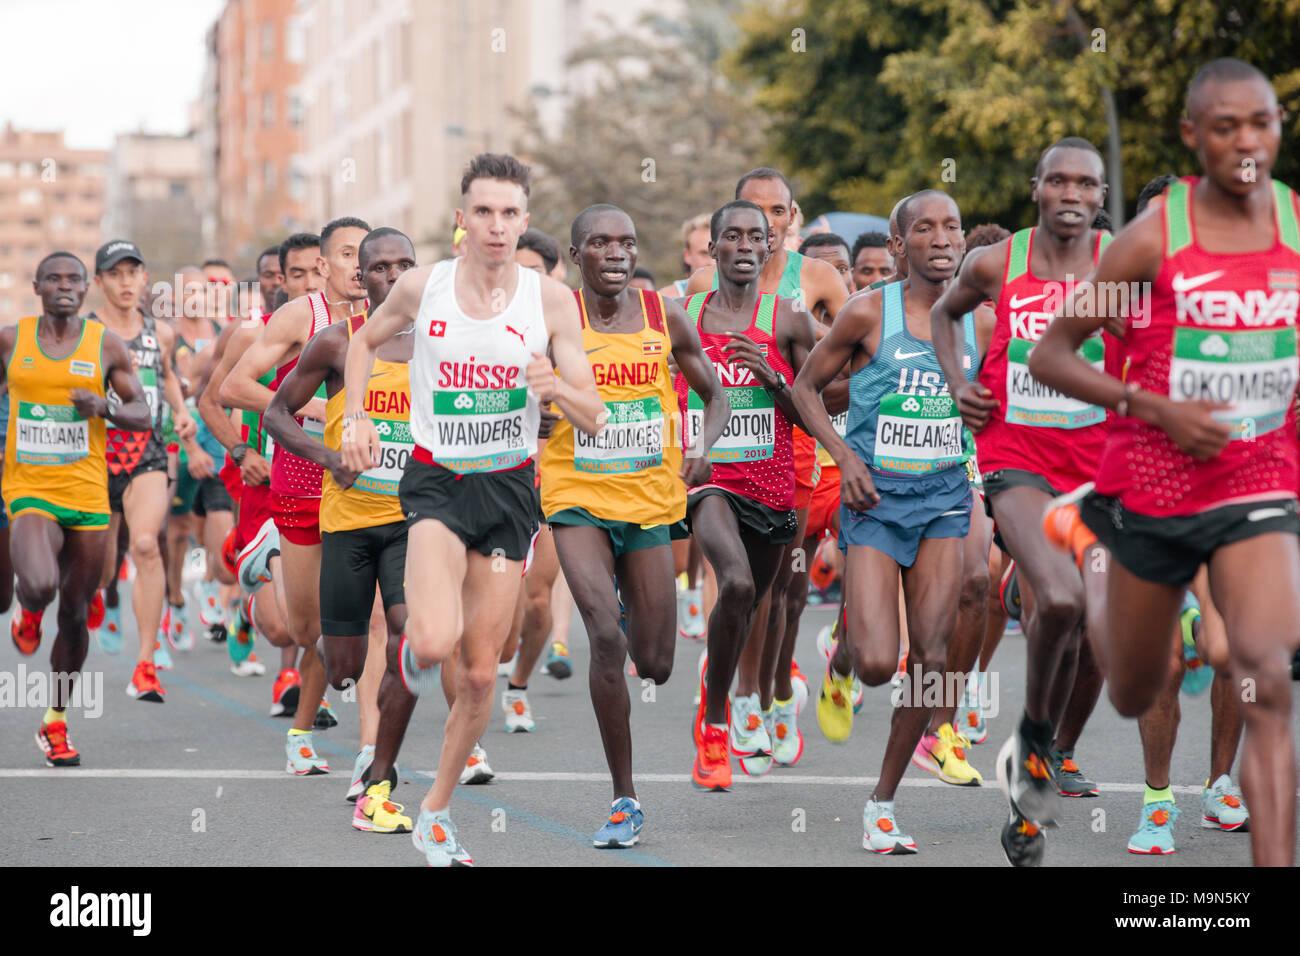 Mondo mezza maratona, 24.05.2018, Valencia, Spagna, Europa Immagini Stock